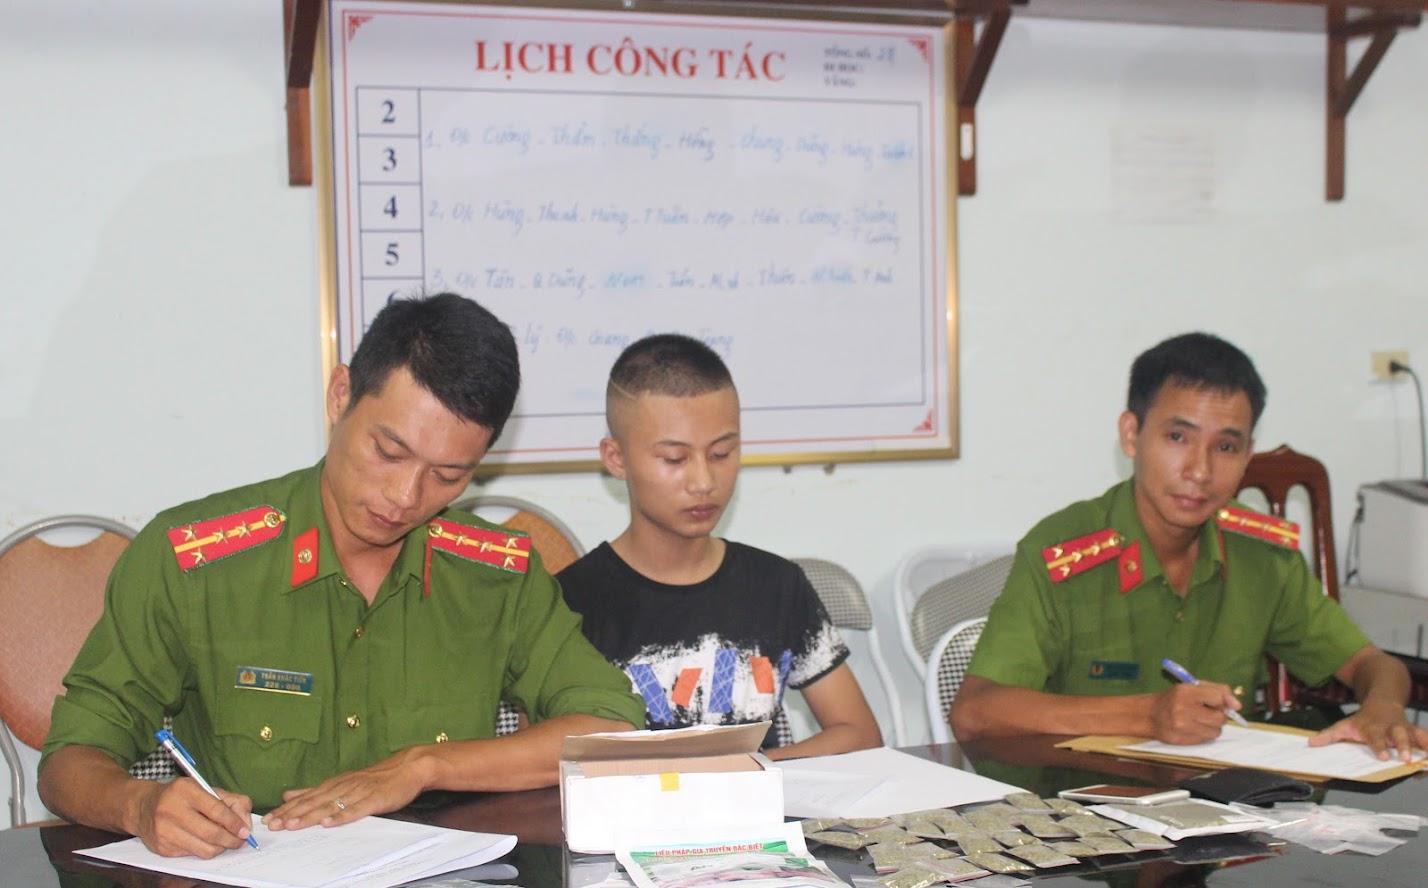 Tại các đợt cao điểm tấn công, trấn áp tội phạm,  nhiều đối tượng vi phạm pháp luật đã bị Công an các đơn vị, địa phương bắt giữ